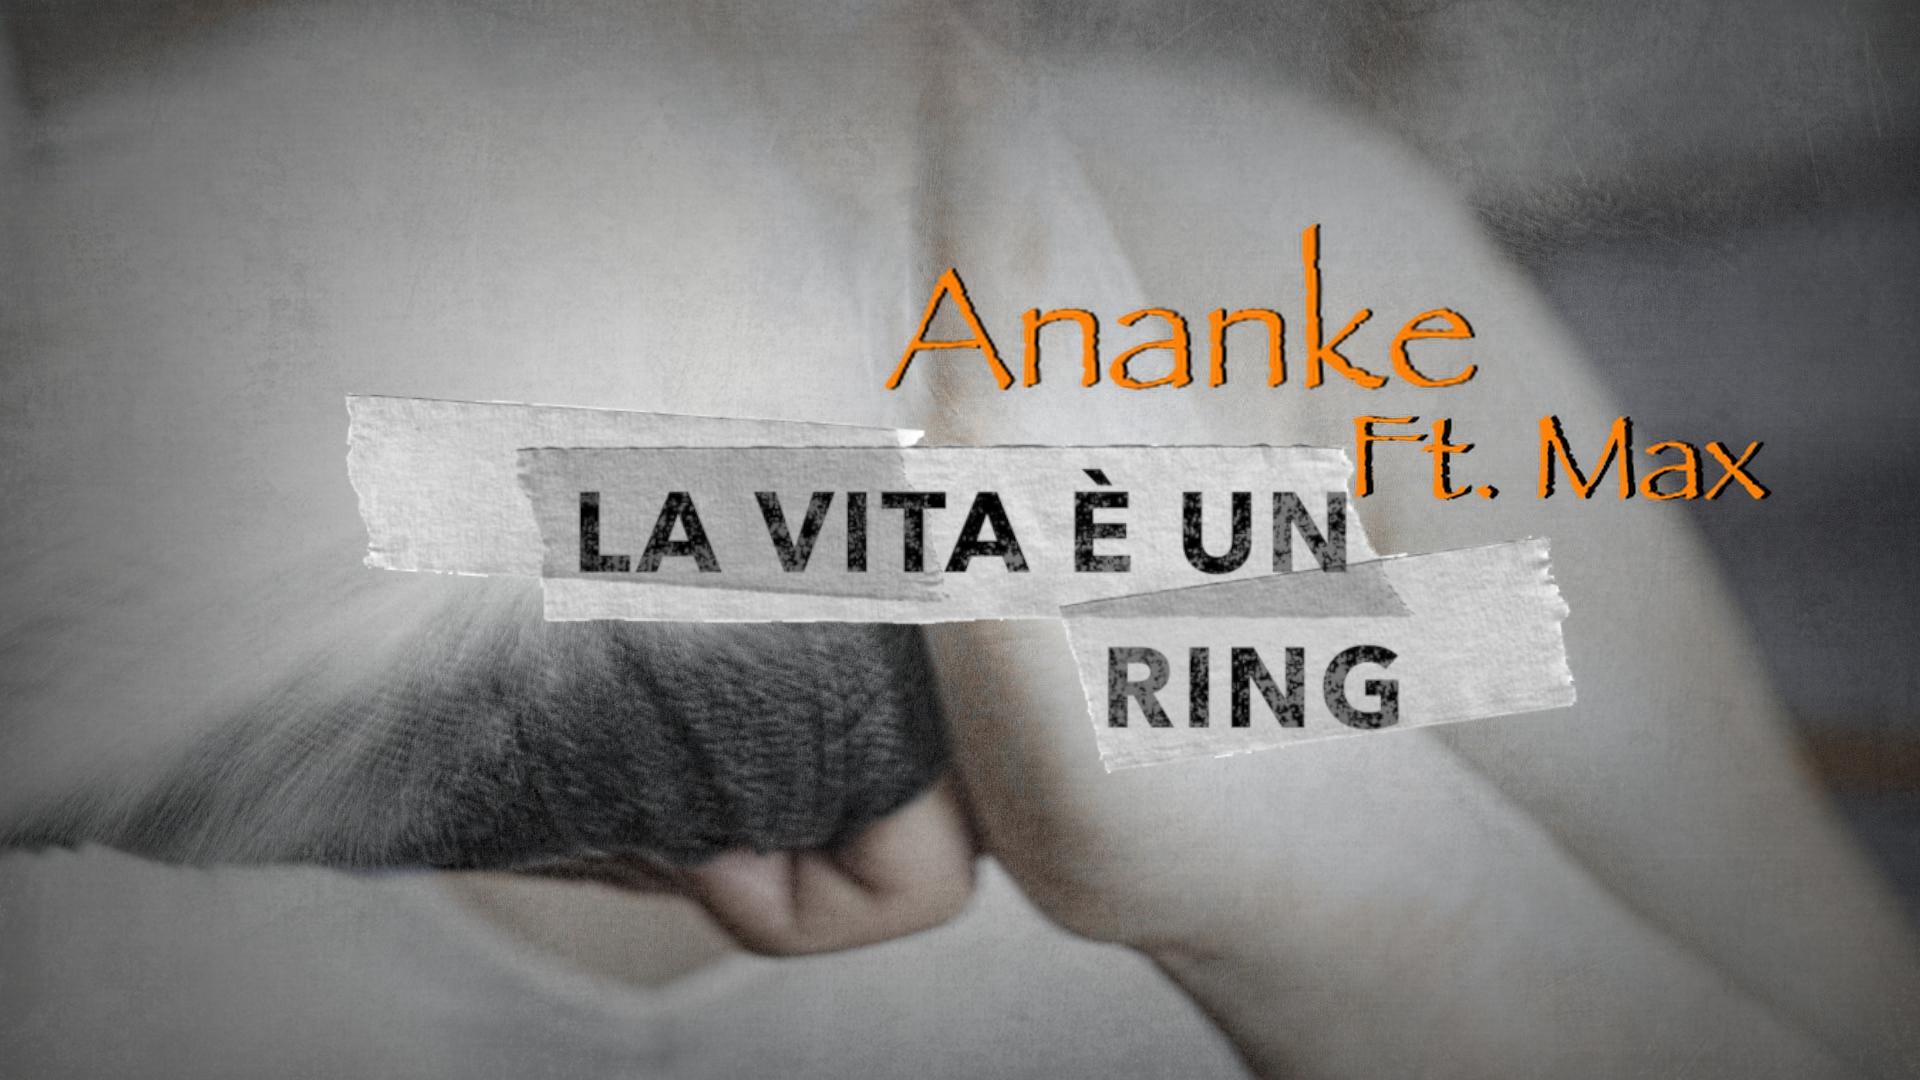 La vita è un ring (Ananke ft. Max)